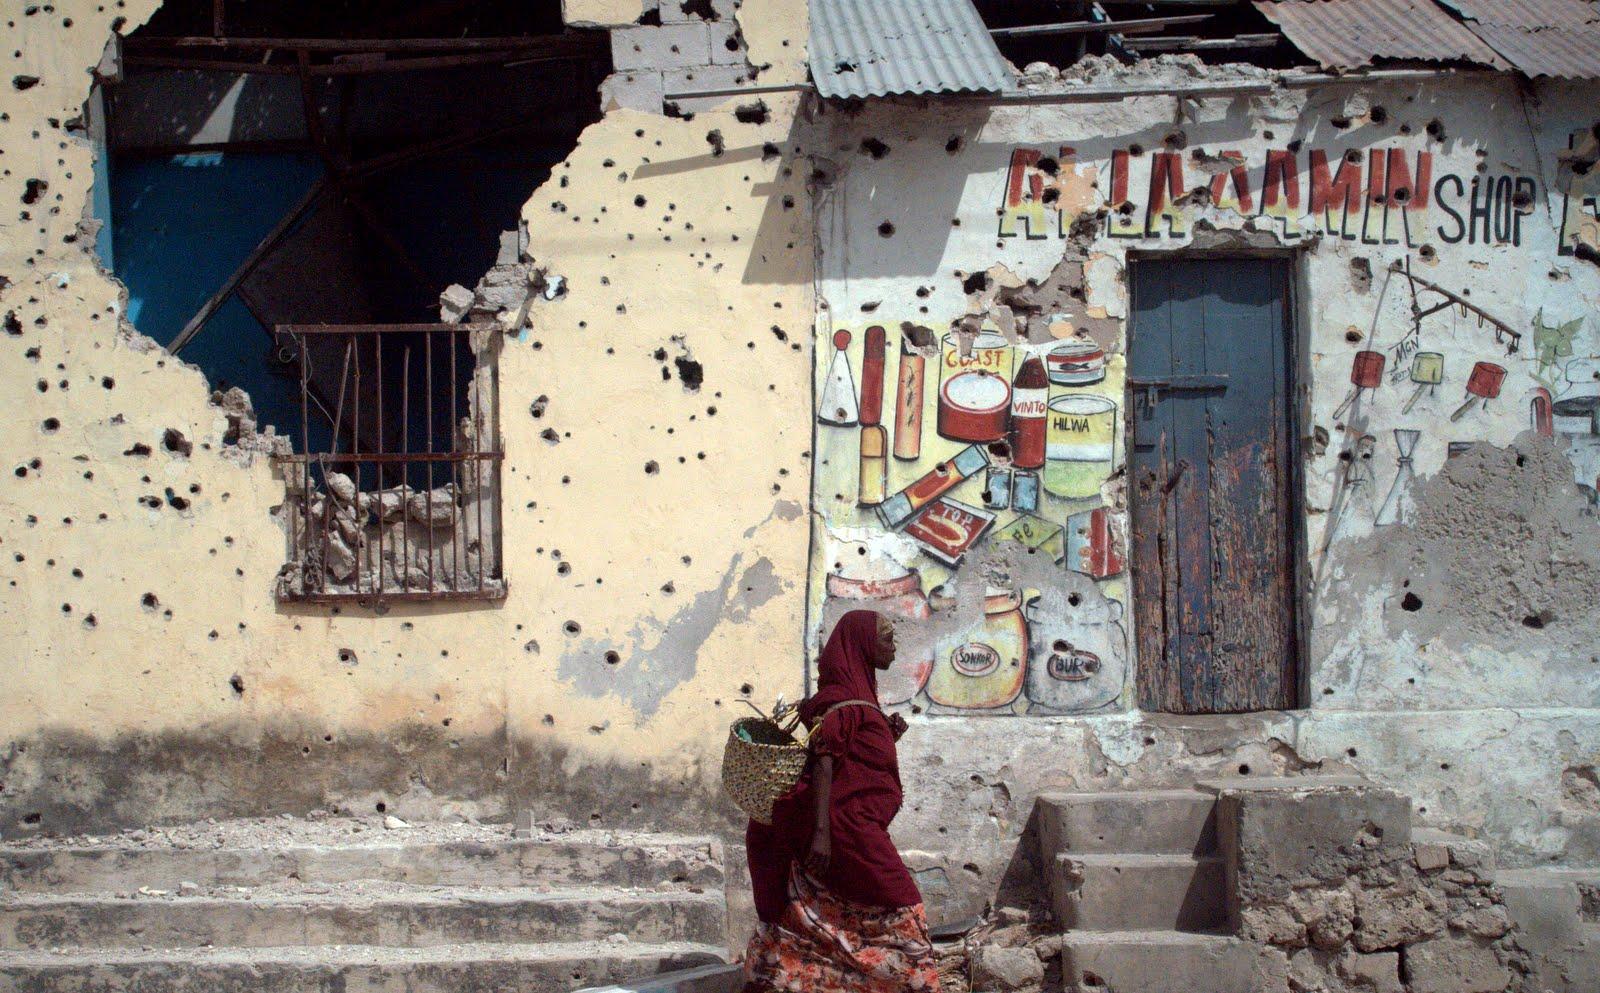 UNHCR mener at sikkerhetssituasjonen i Mogadishu er for dårlig til at Norge kan trekke tilbake flyktningstatusen til somaliske flyktninger..  foto: nrc/christian jepsen